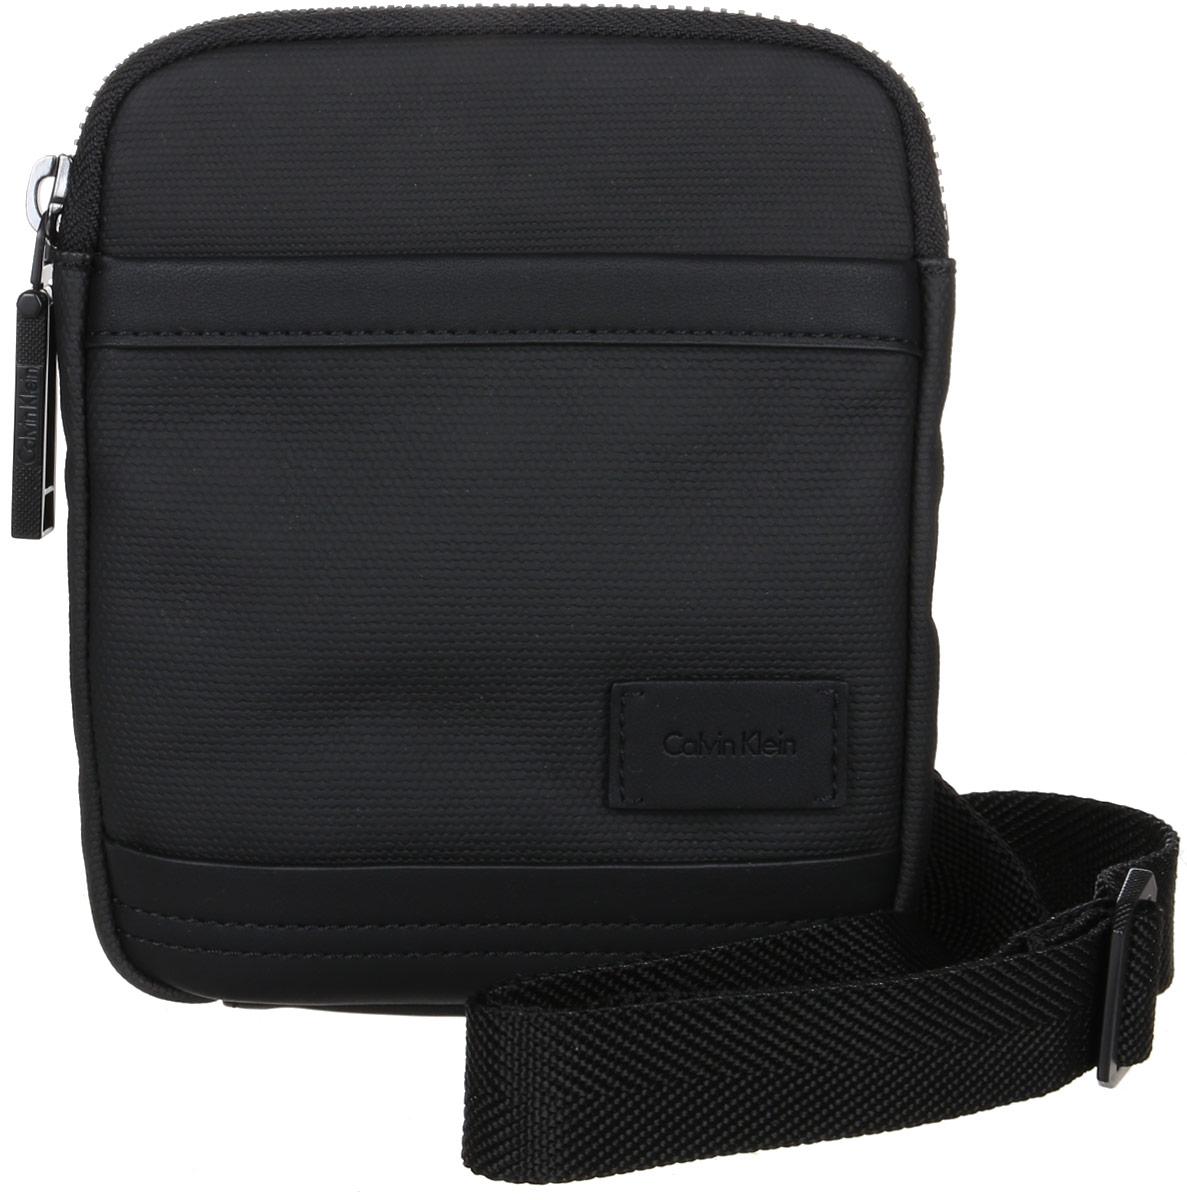 Сумка мужская Calvin Klein Jeans, цвет: черный. K50K501984_001K50K501984_001Стильная сумка Calvin Klein Jeans выполнена из хлопка и полиуретана, оформлена небольшой нашивкой с названием бренда. Изделие содержит одно отделение, которое закрывается на застежку-молнию. Внутри расположены один накладной открытый карман и один прорезной на застежке-молнии. Спереди расположен один открытый накладной карман. Сумка оснащена плечевым ремнем регулируемой длины. В комплекте с изделием поставляется чехол для хранения.